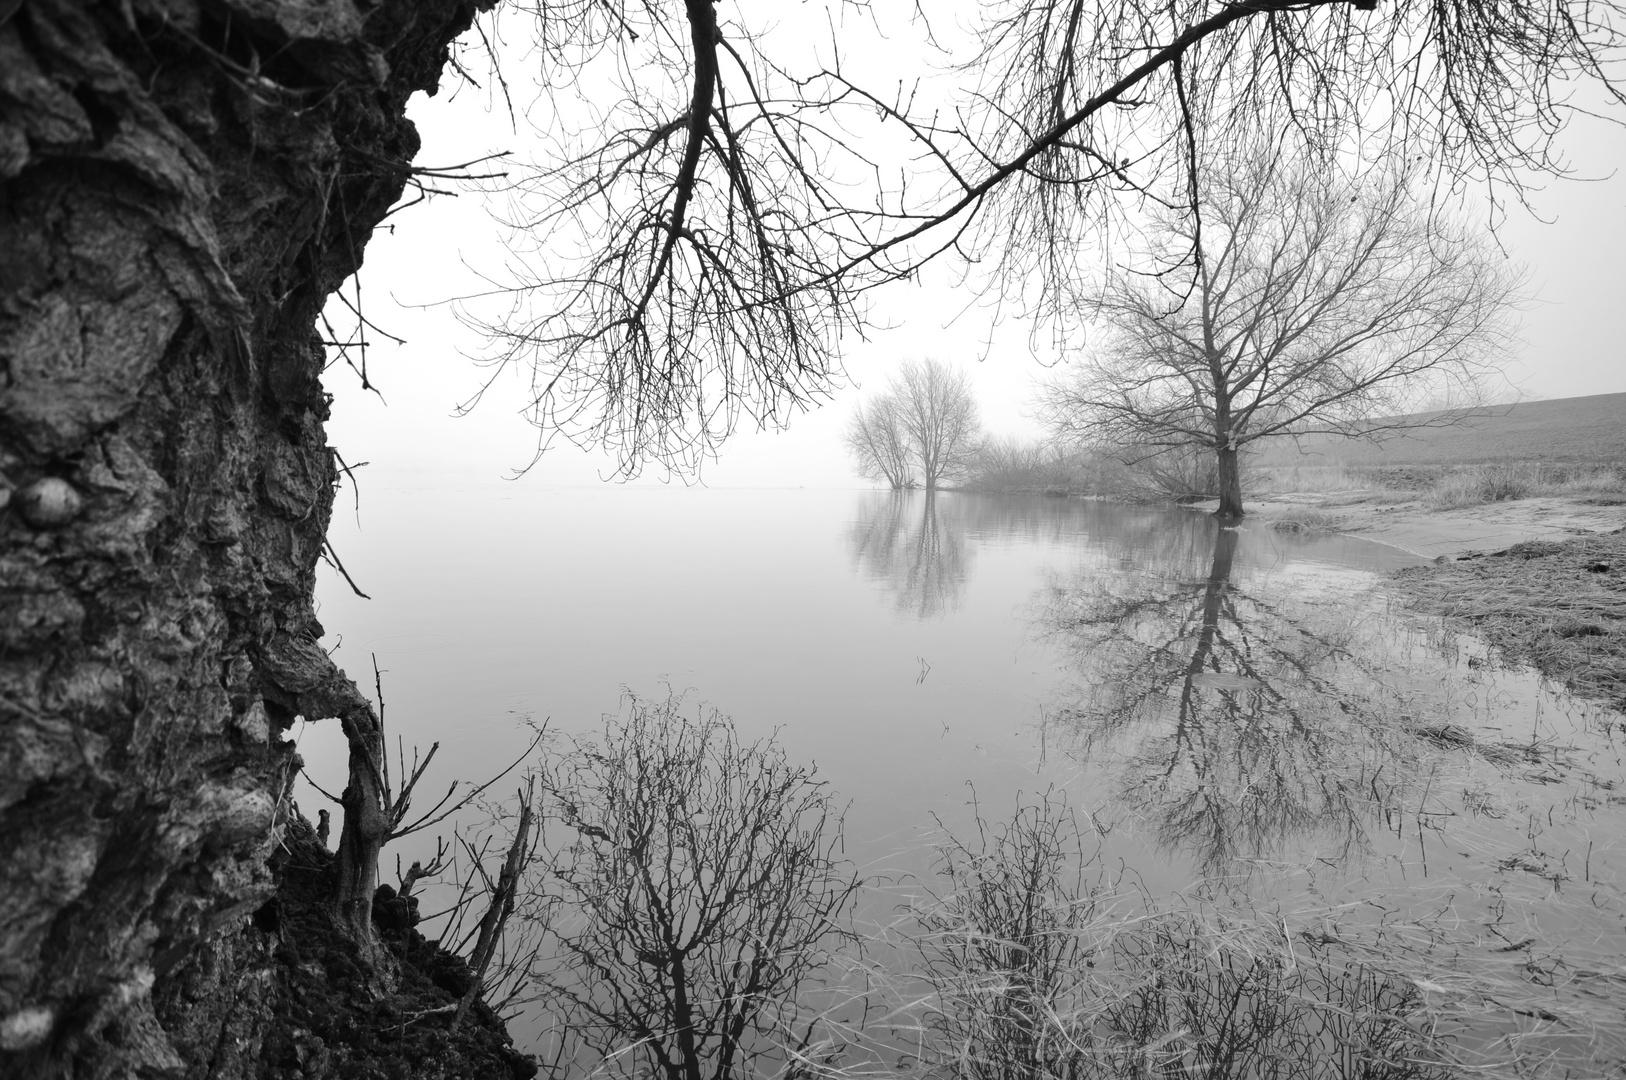 130216 - Stilles Wasser II